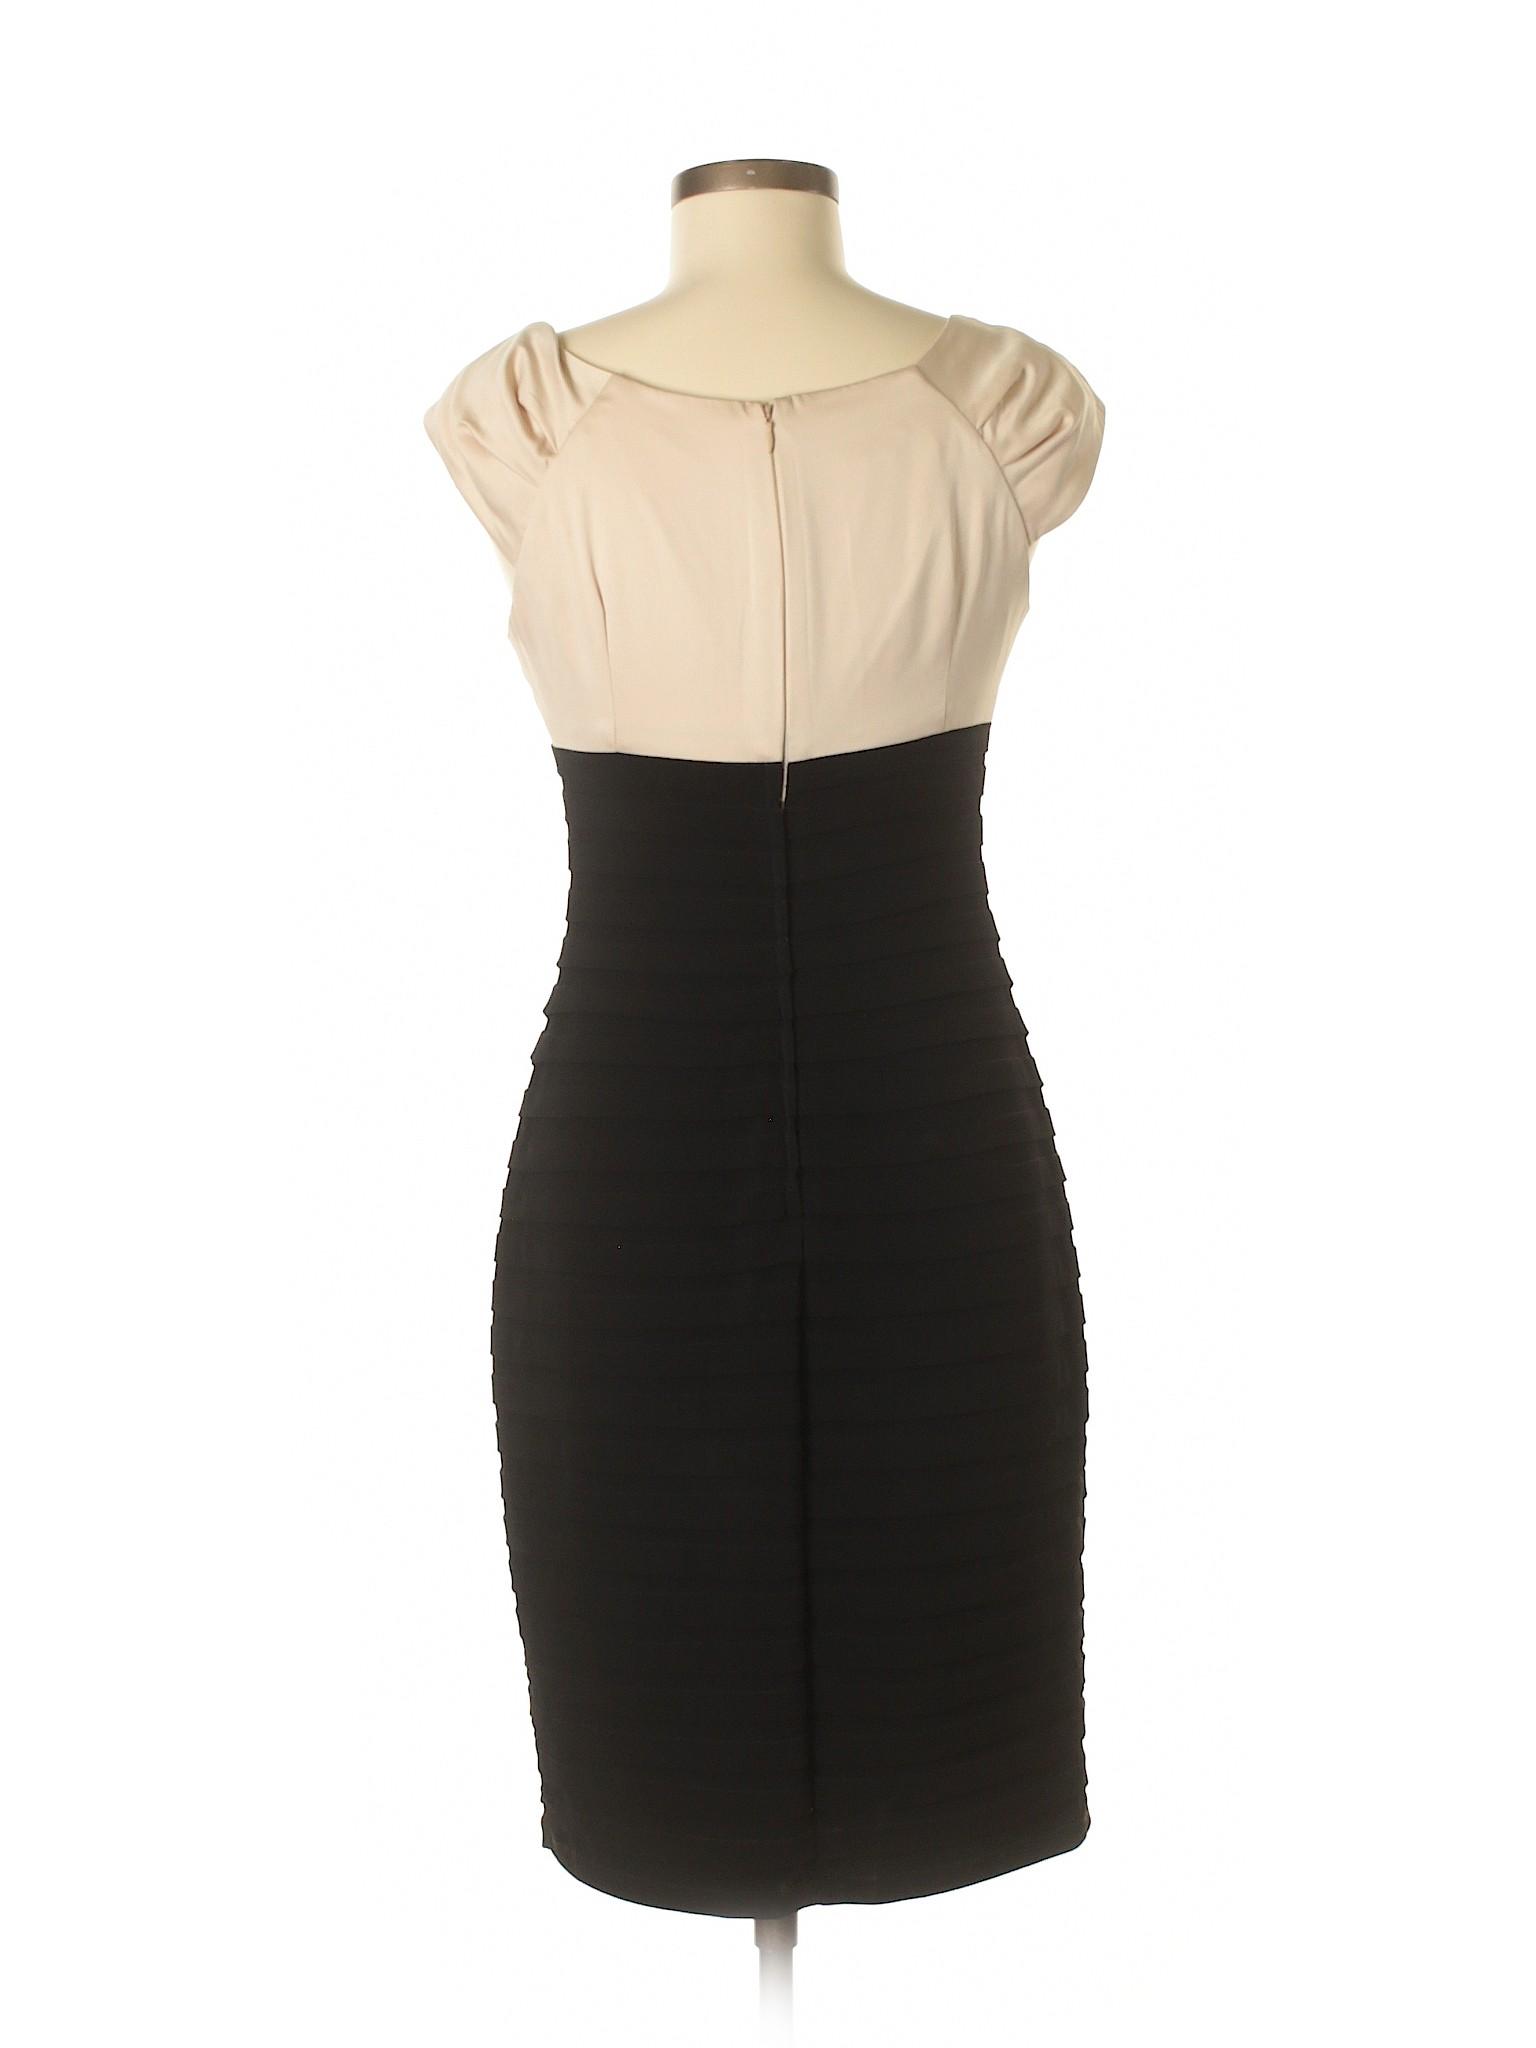 London Dress Casual Times Boutique winter X5qpwqz